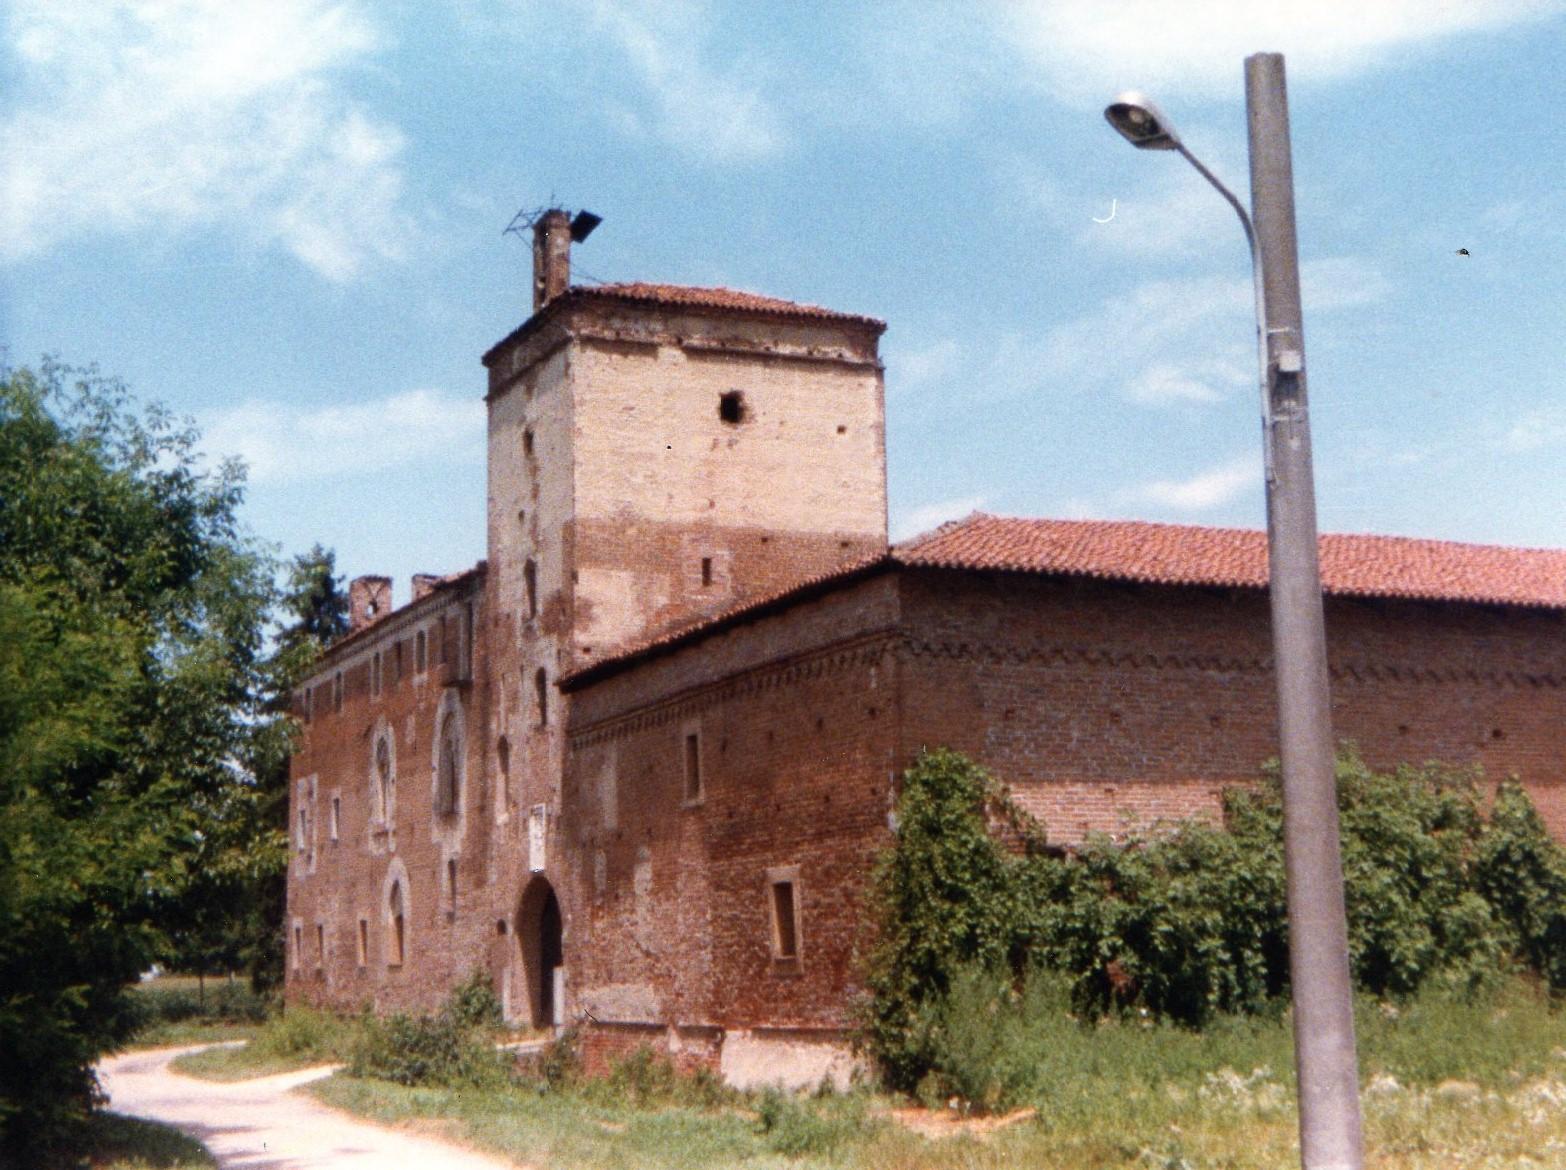 castello_della_rotta_moncalieri